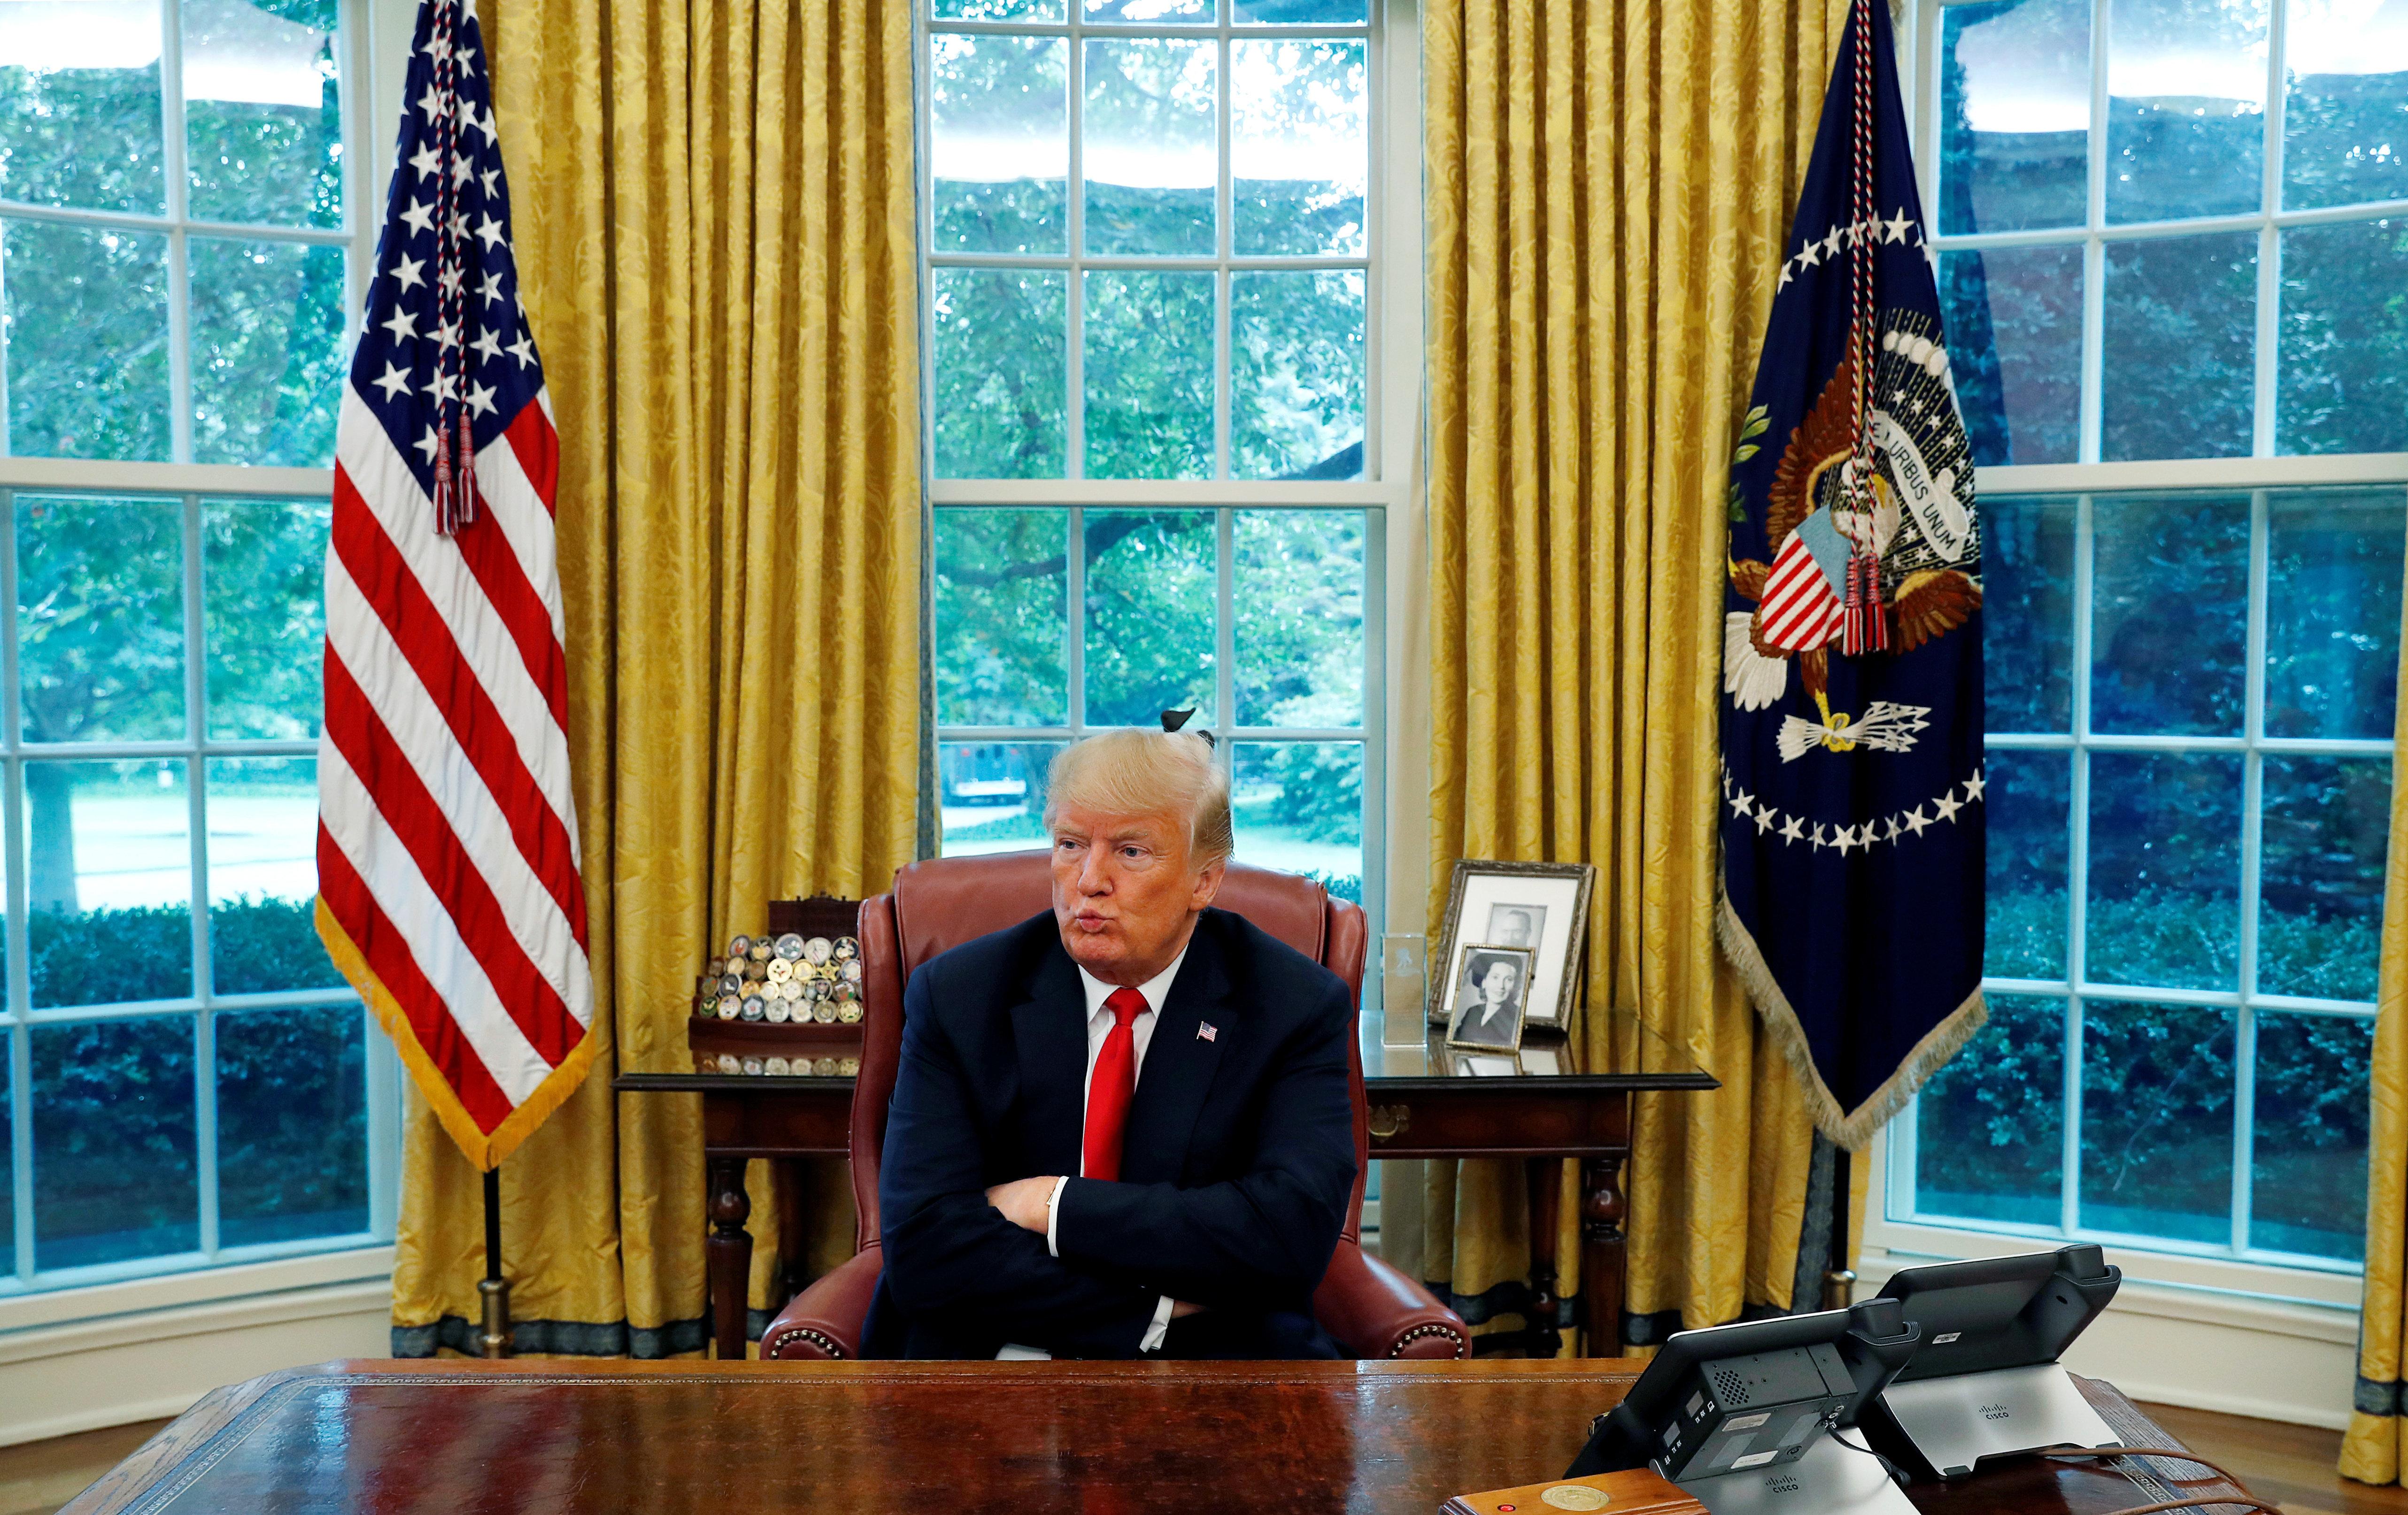 트럼프는 특검 대면조사가 자신에게 '불리할 것'이라고